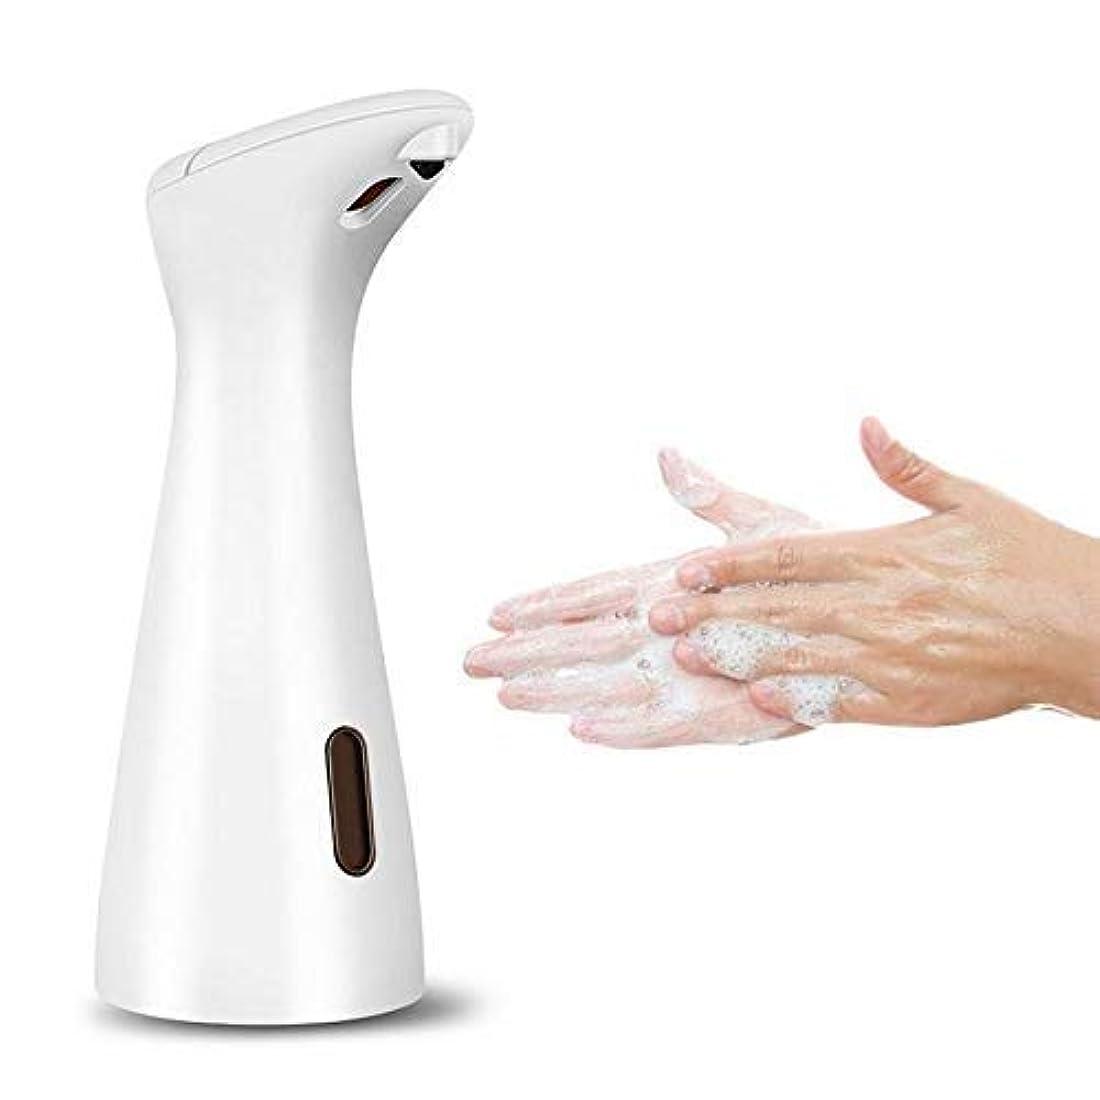 安心つぼみフォーラム200ミリリットルabs自動誘導石鹸ディスペンサー赤外線ハンズフリーセパレーター付き浴室キッチン用